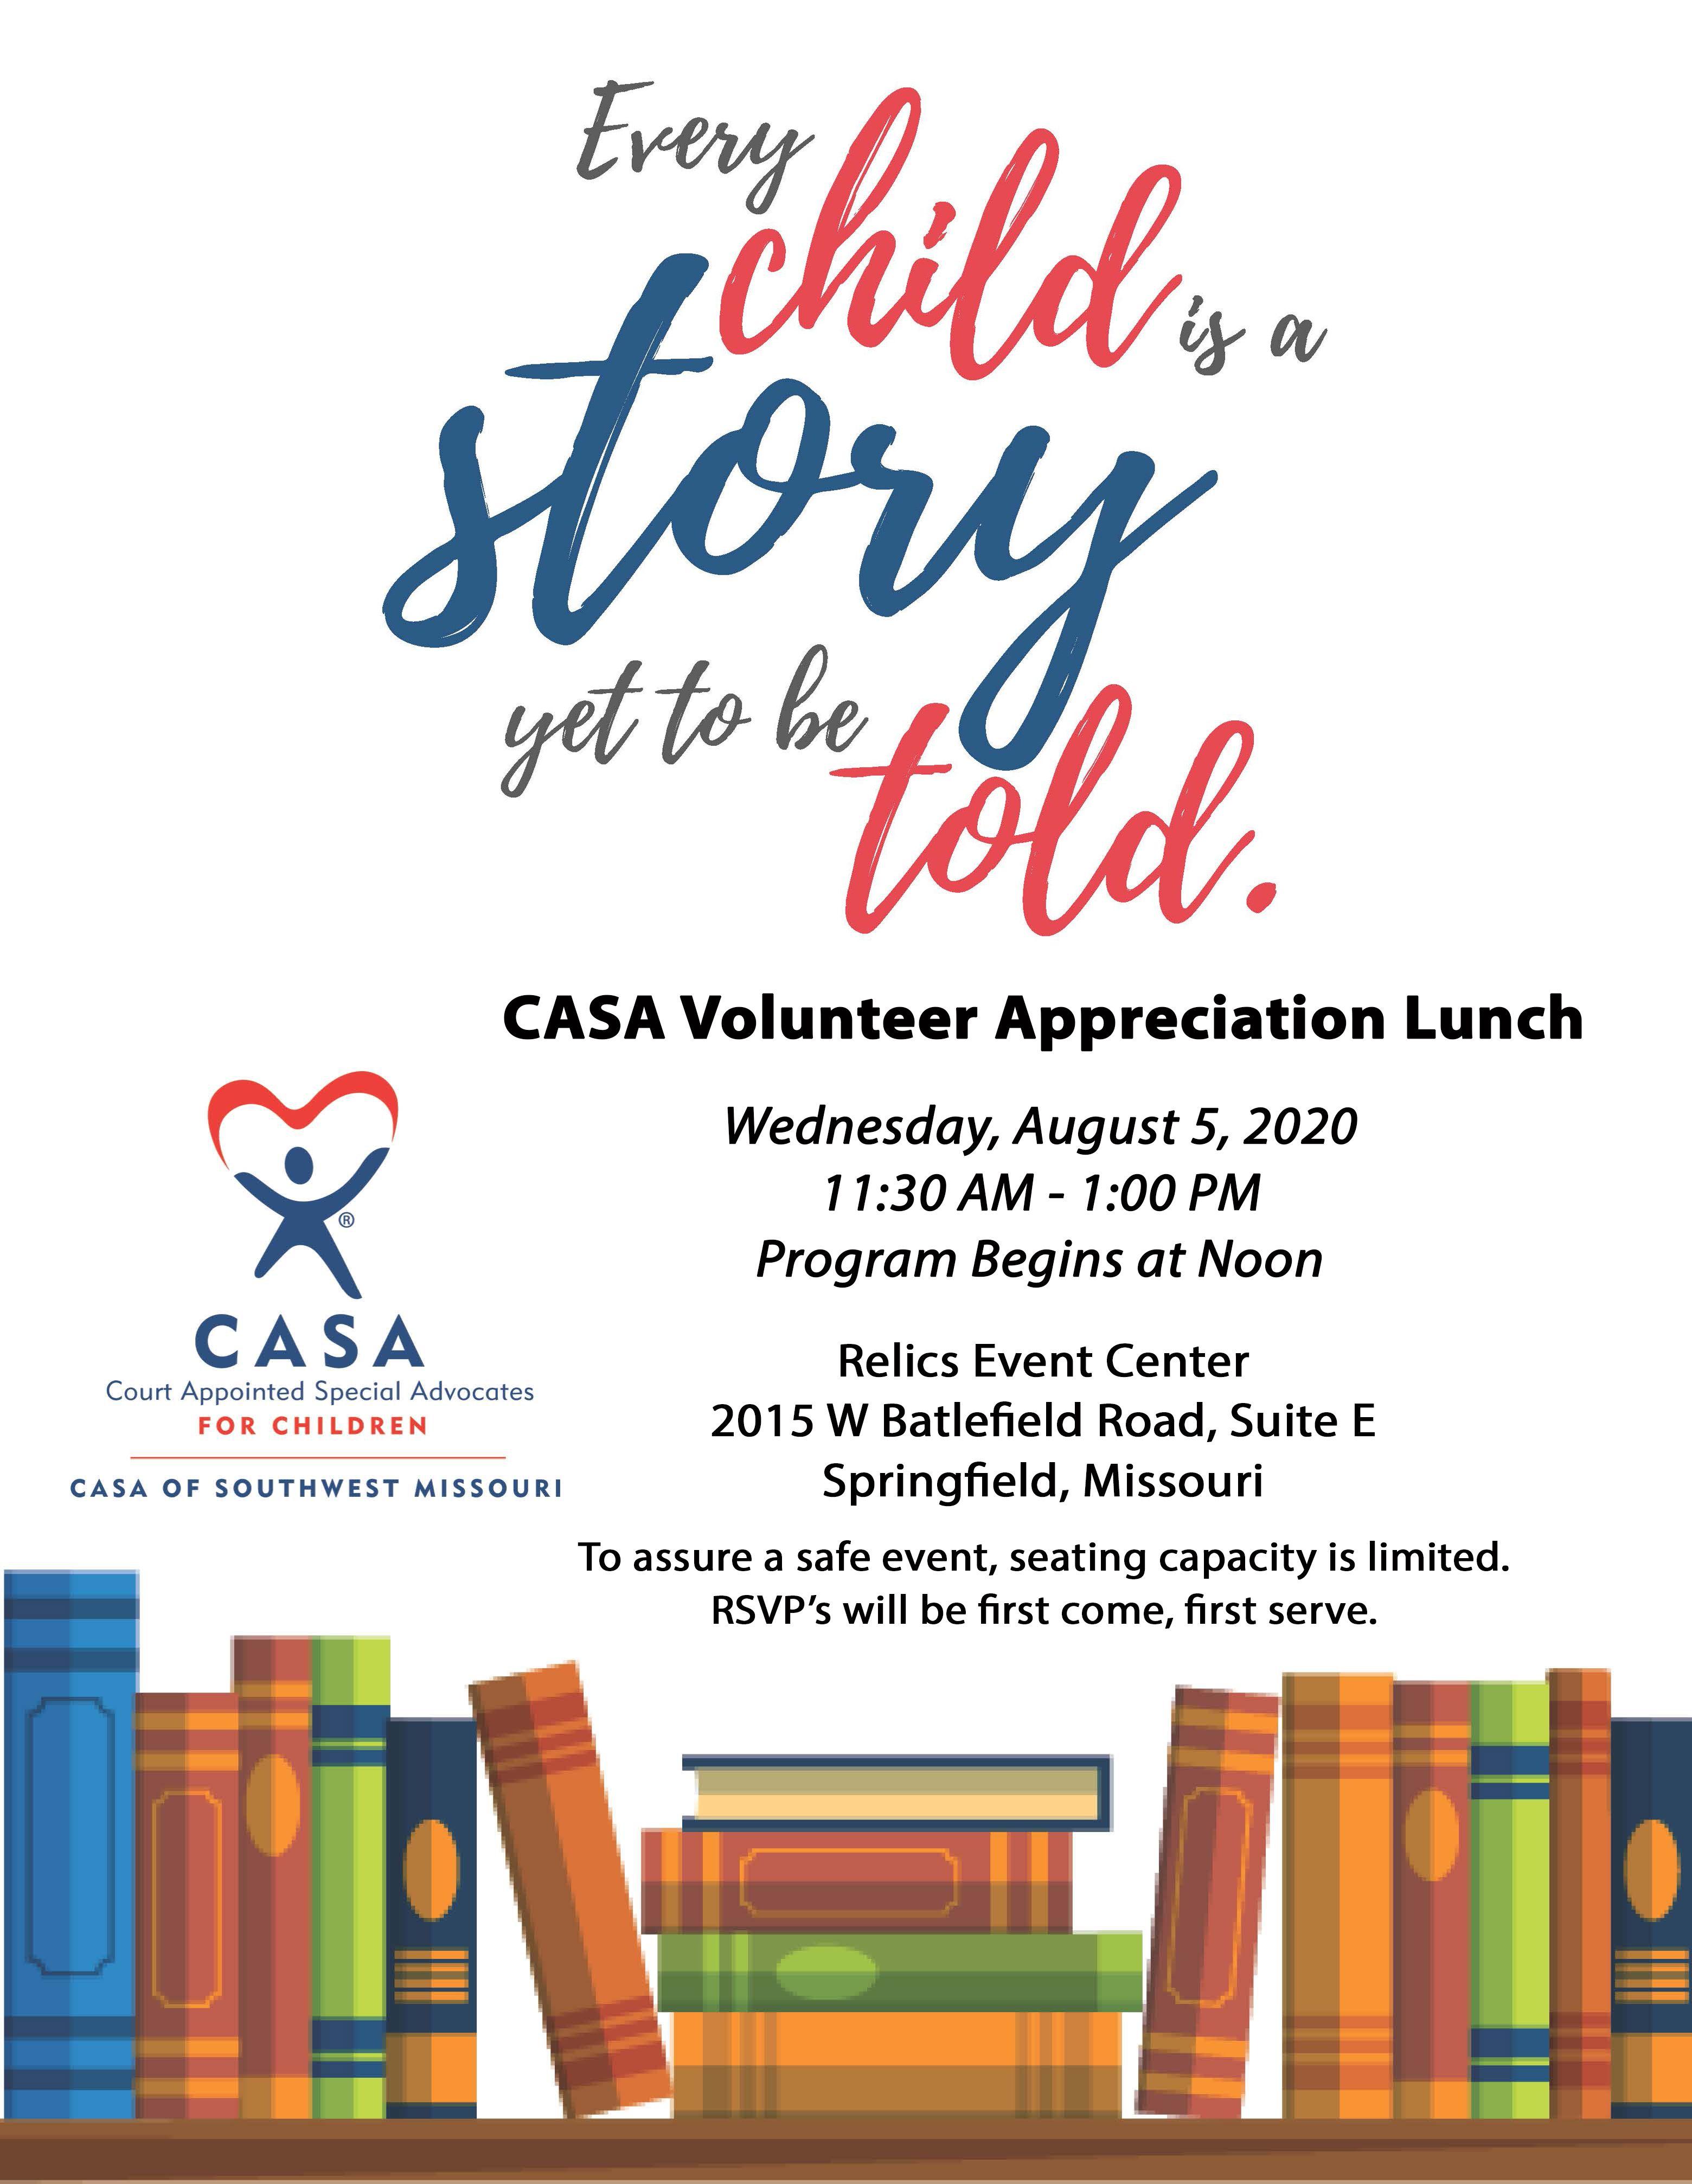 CASA Volunteer Appreciation Lunch